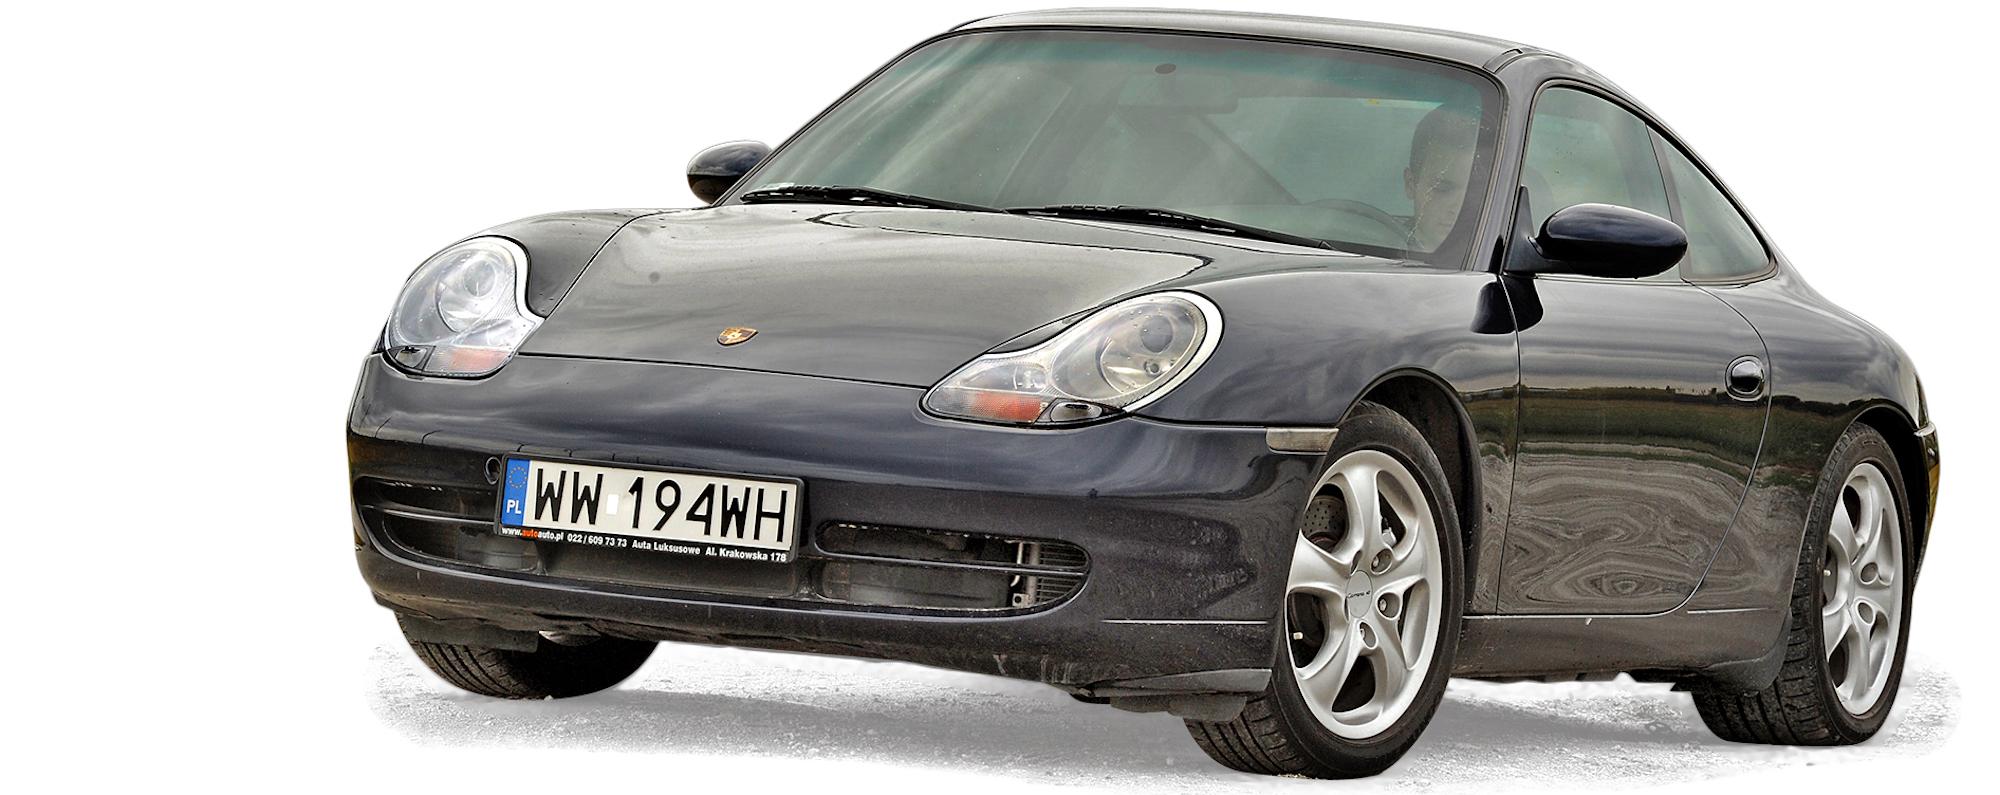 Porsche 911 996 (1997-2006)